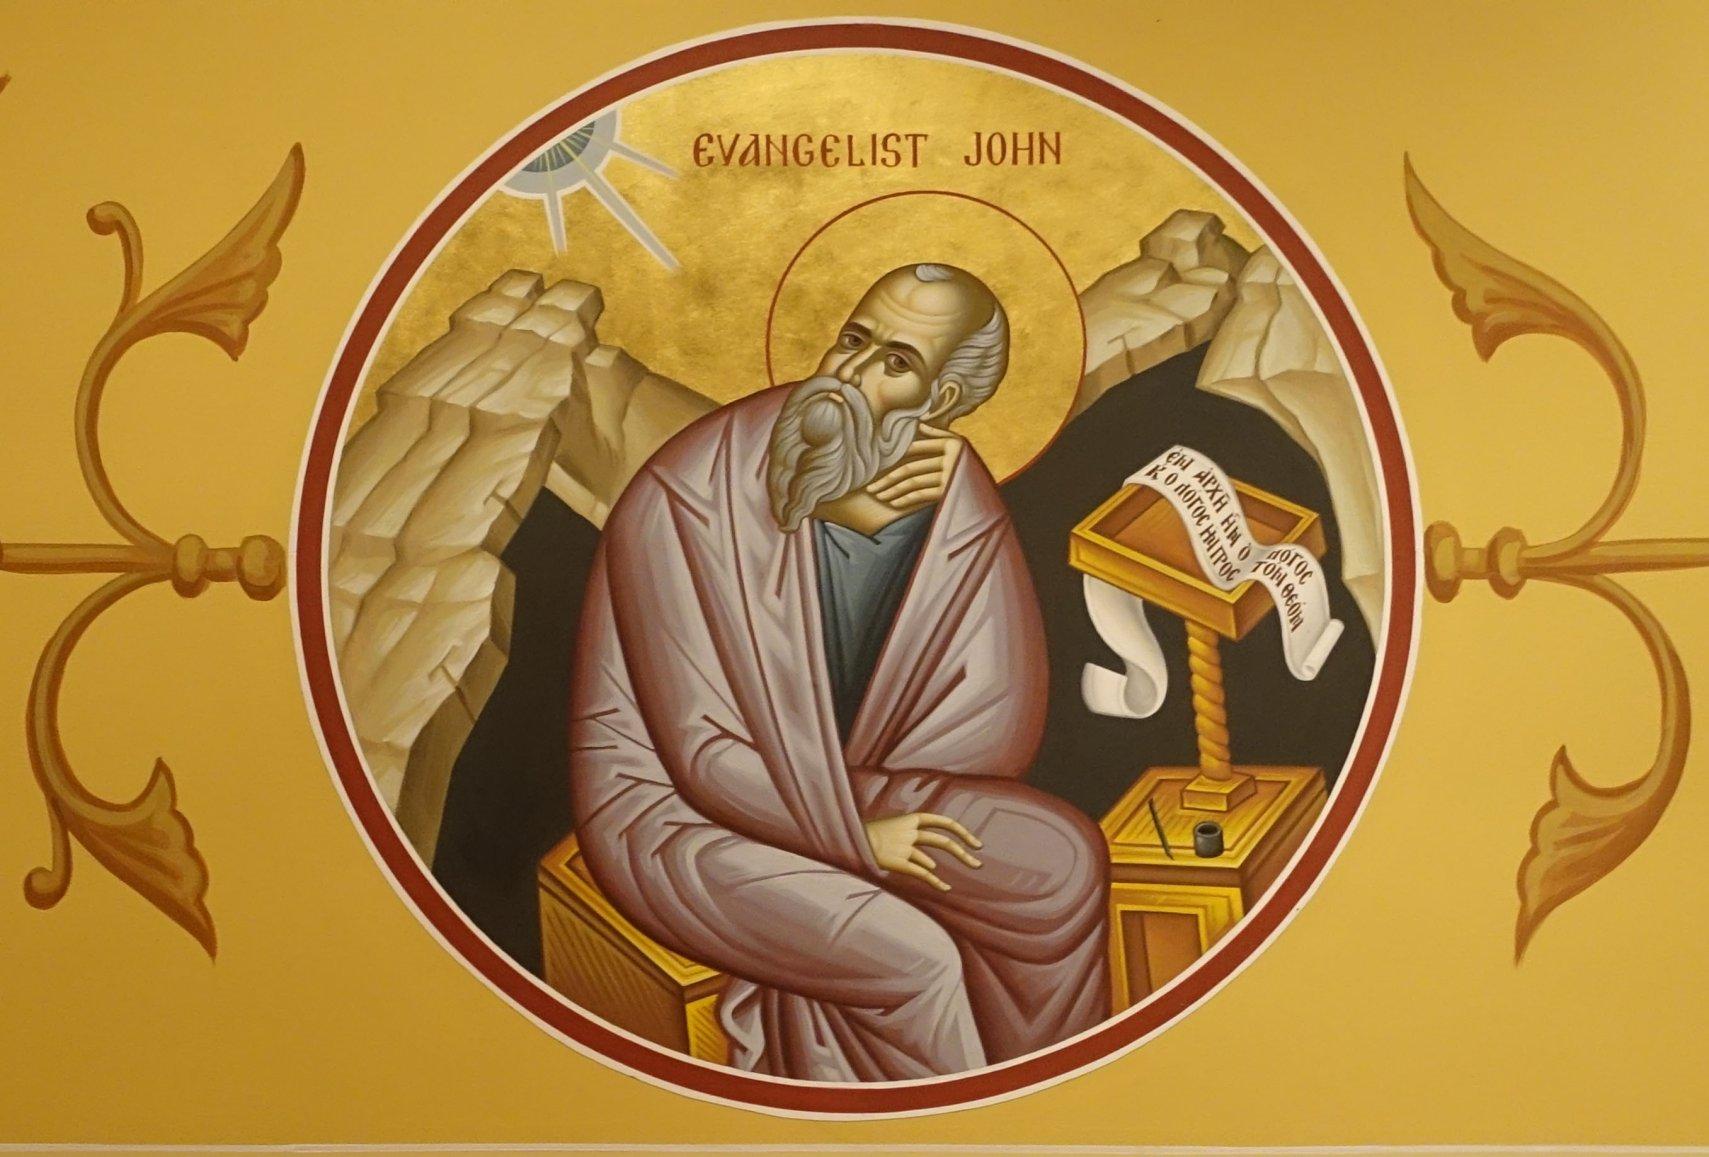 Evangelist John.jpg